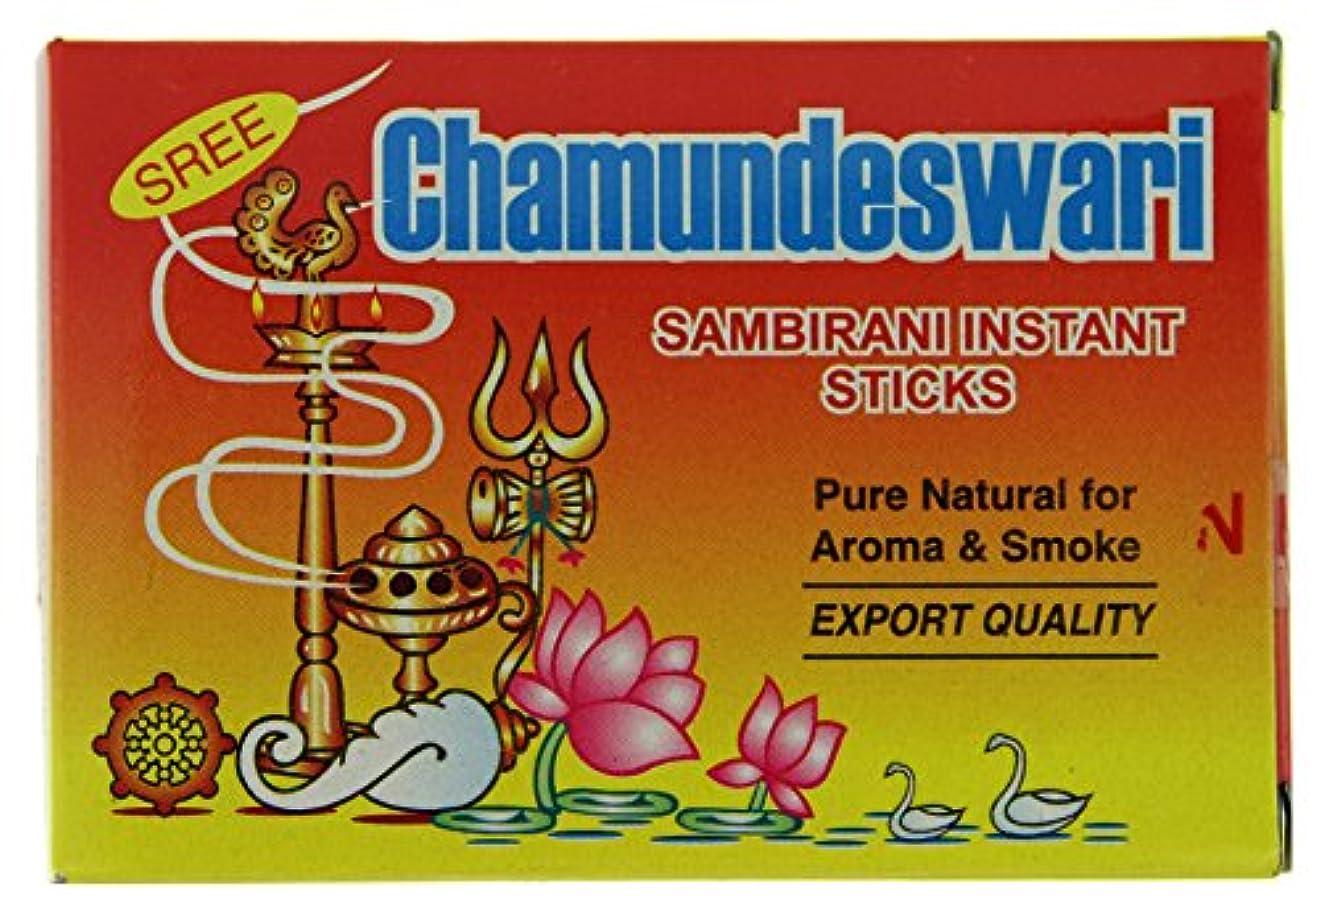 排除する誓い代数的Sree Sambrani Instant Sticks – 24 perボックス – 4ボックスのセット販売